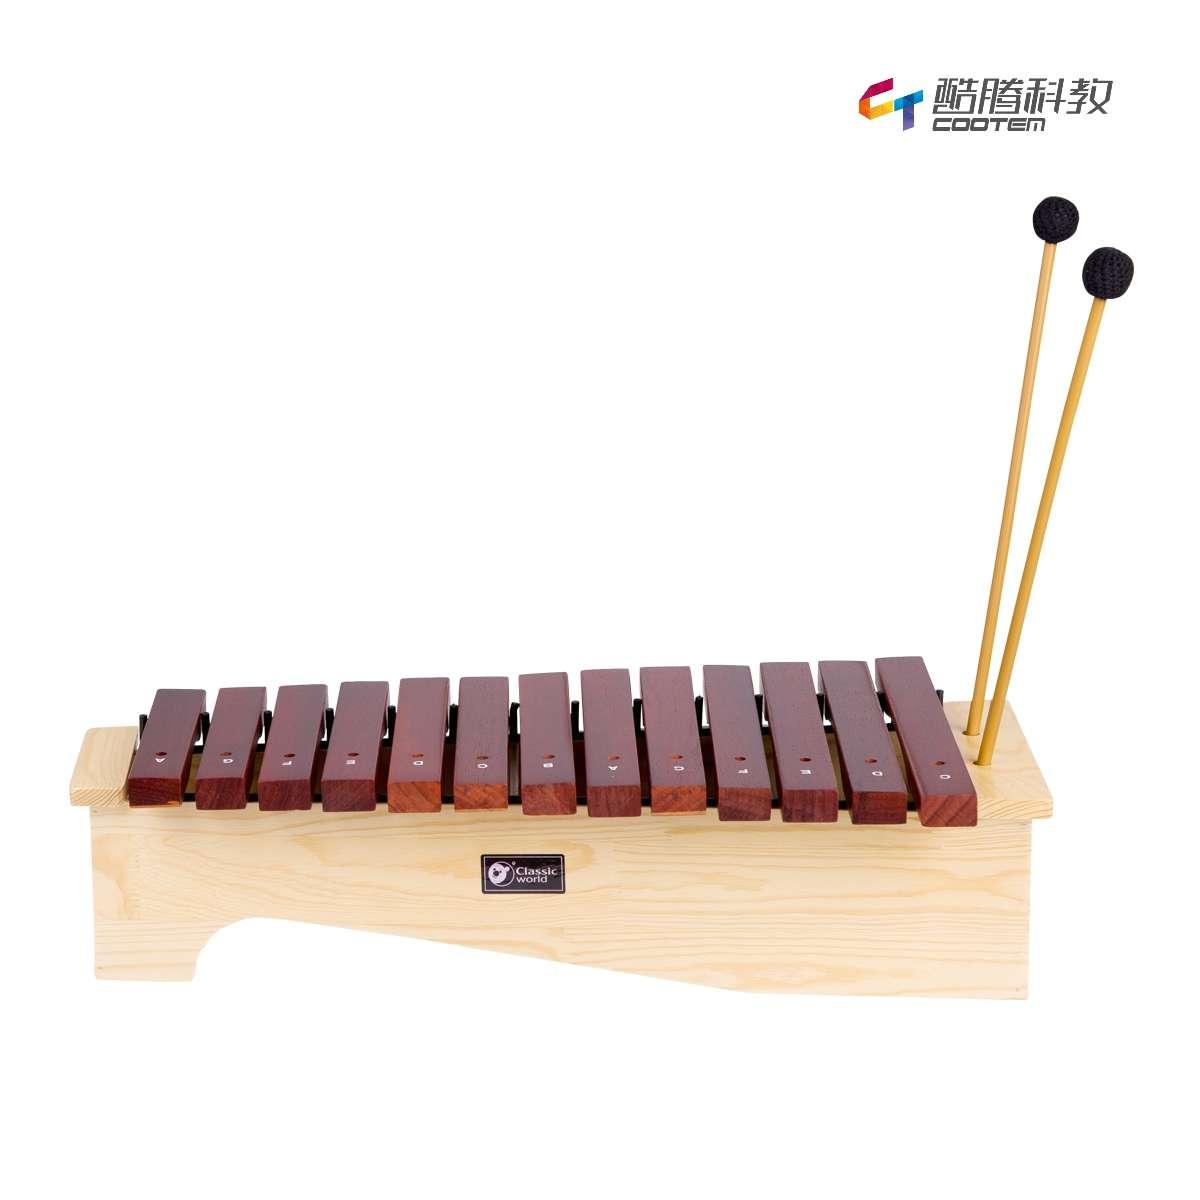 高音木箱体琴C5-A6